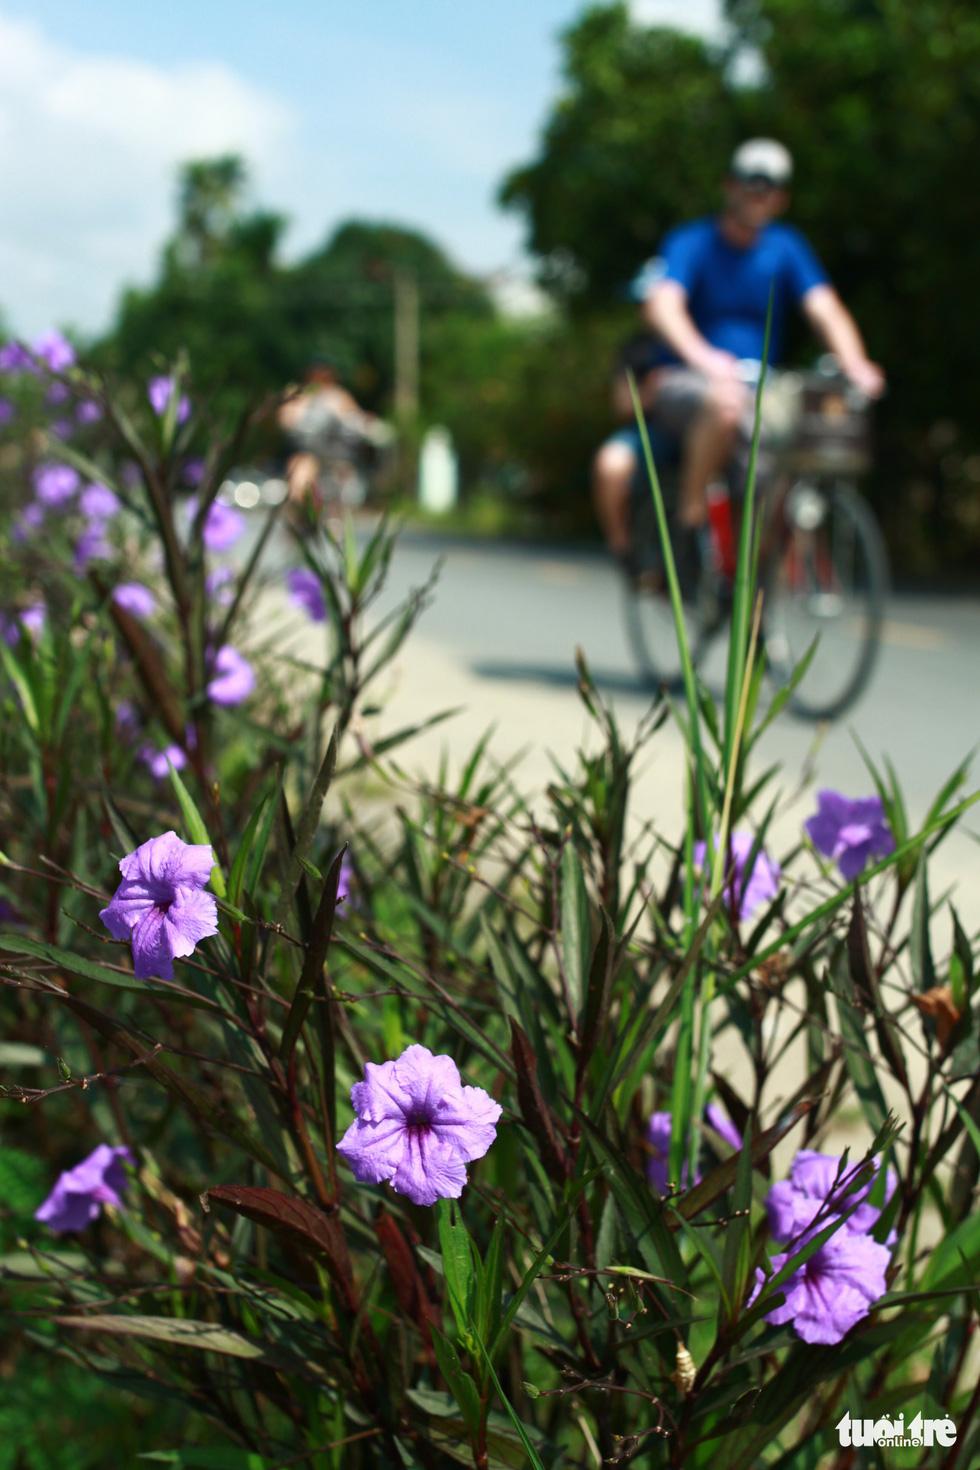 Con đường chiều tím được khách Tây săn đón ở ngoại ô phố Hội - Ảnh 5.